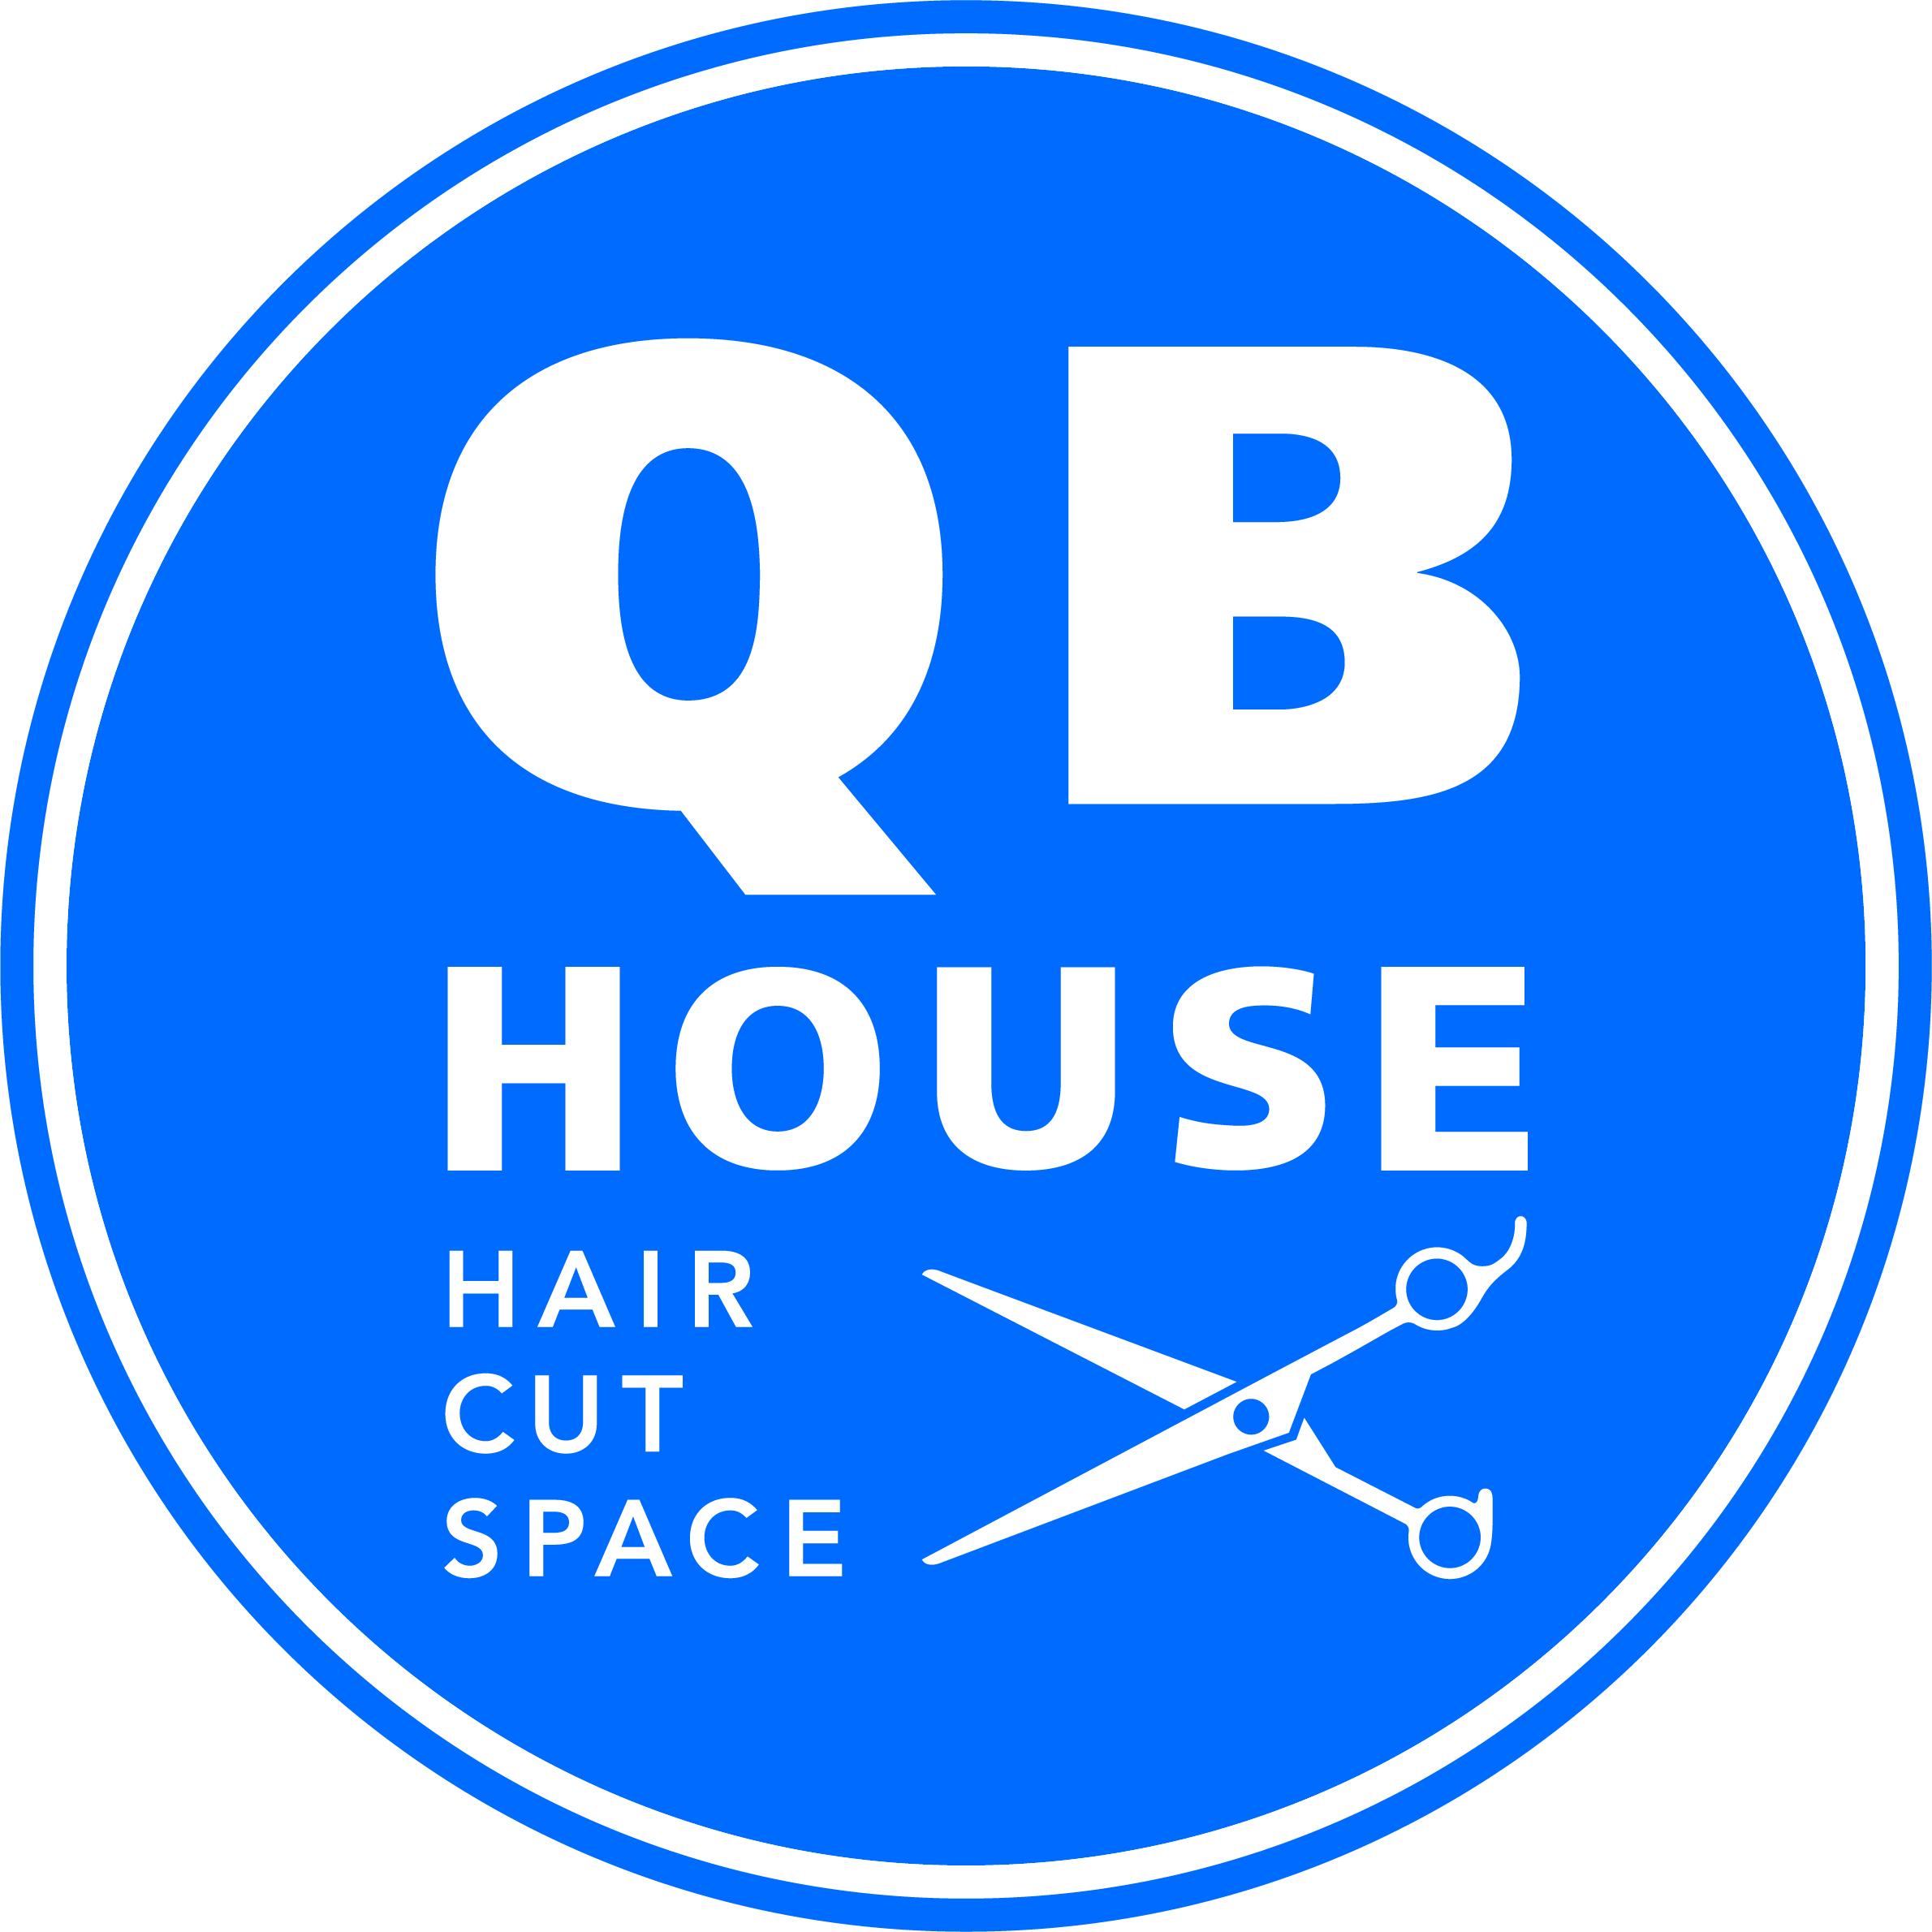 キュービーハウスのロゴ画像